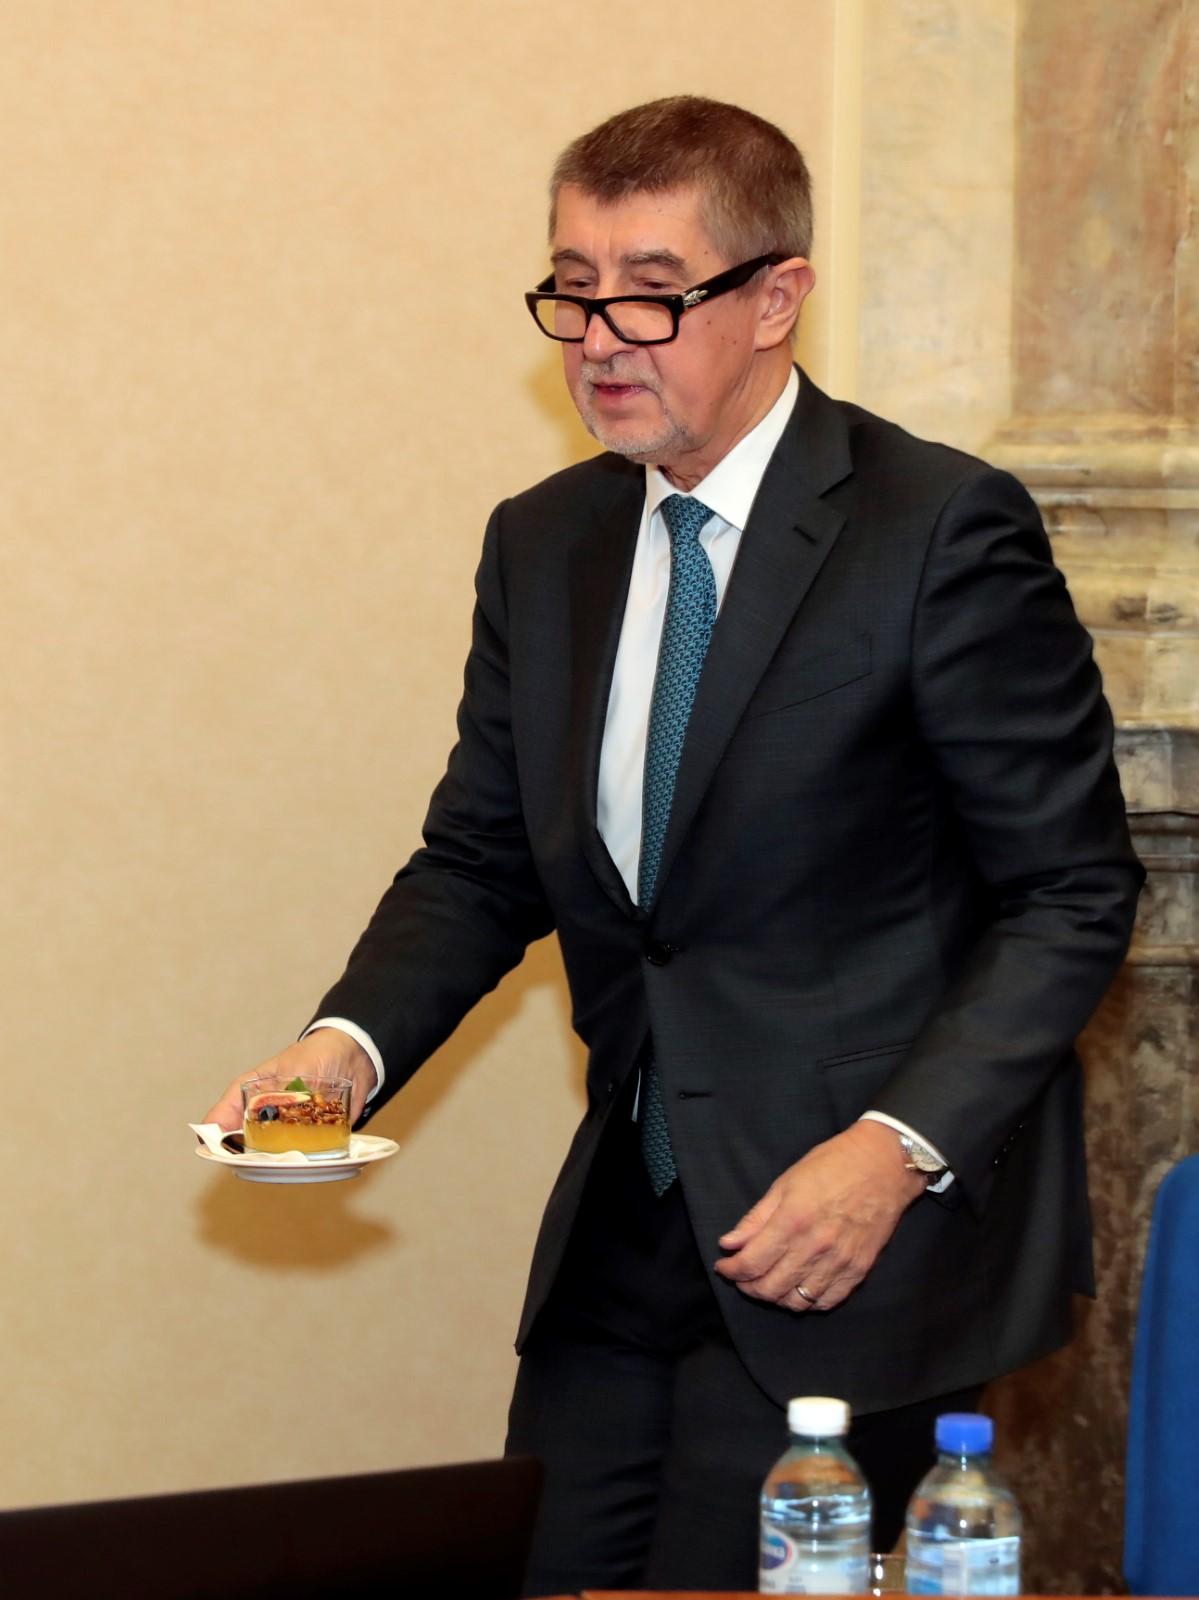 Andrej Babiš zřejmě jedná nerad hladový. Pře jednáním vlády se musel posilnit ( 31. 1. 2018)